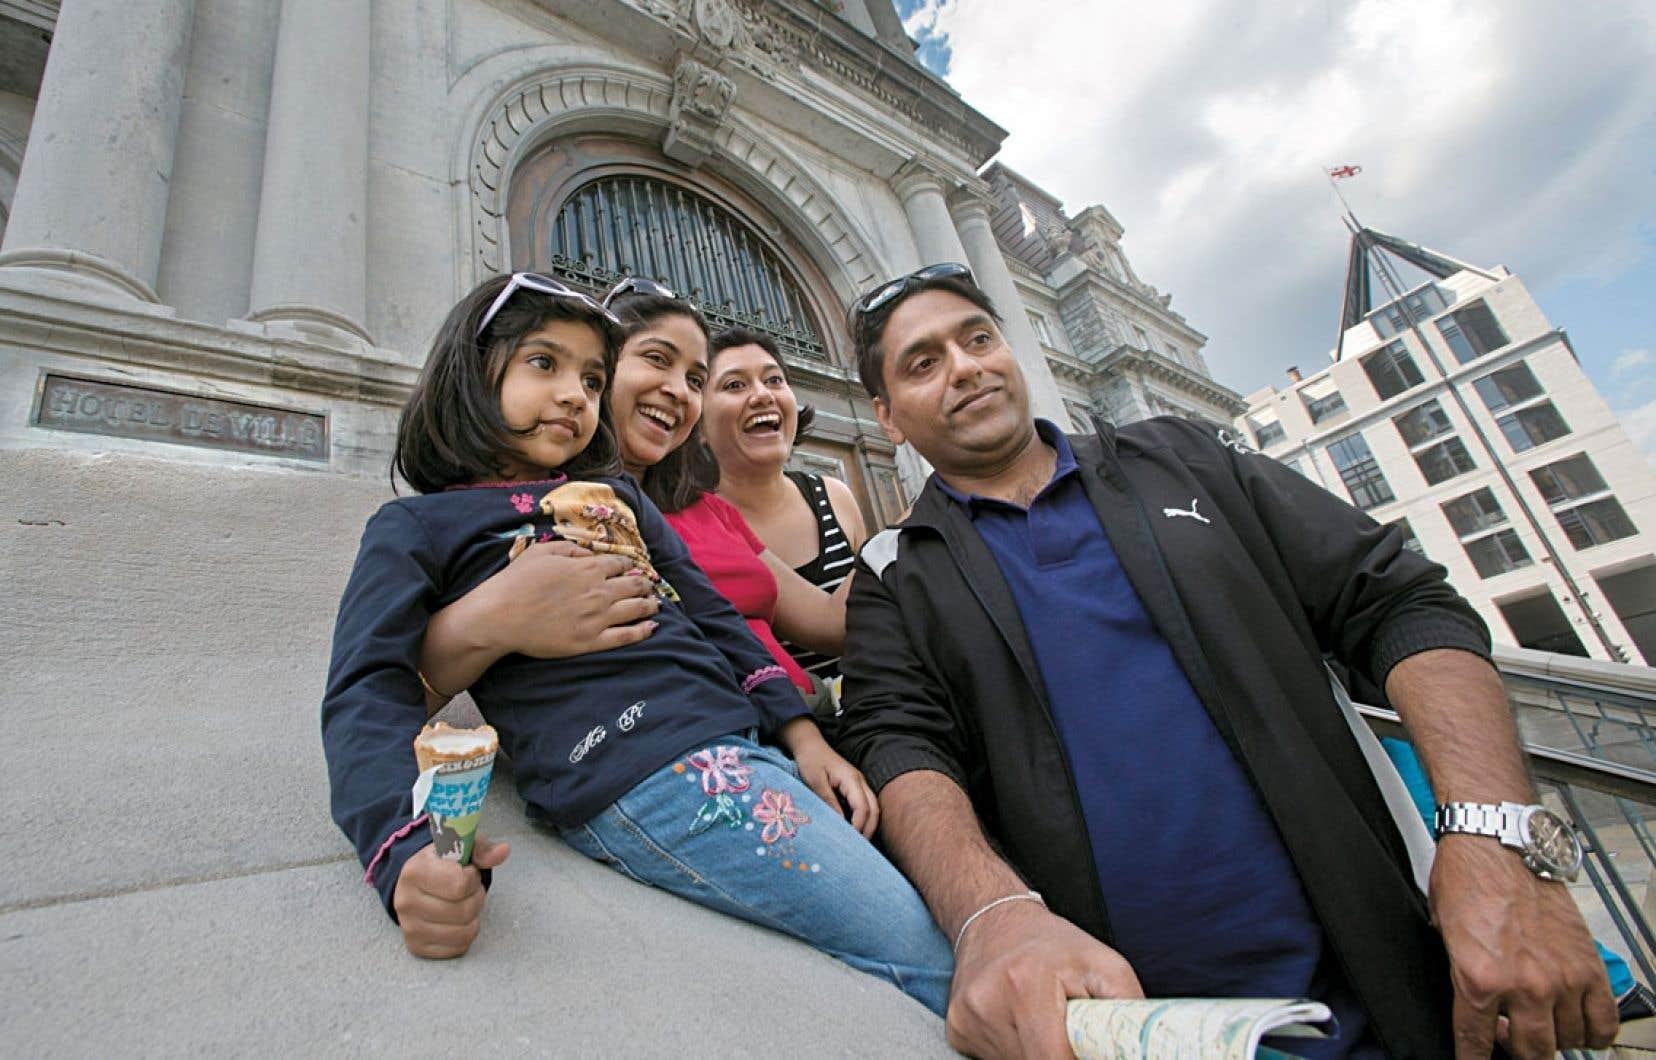 Des touristes indiens prennent la pose devant l'hôtel de ville de Montréal, crème glacée à la main.